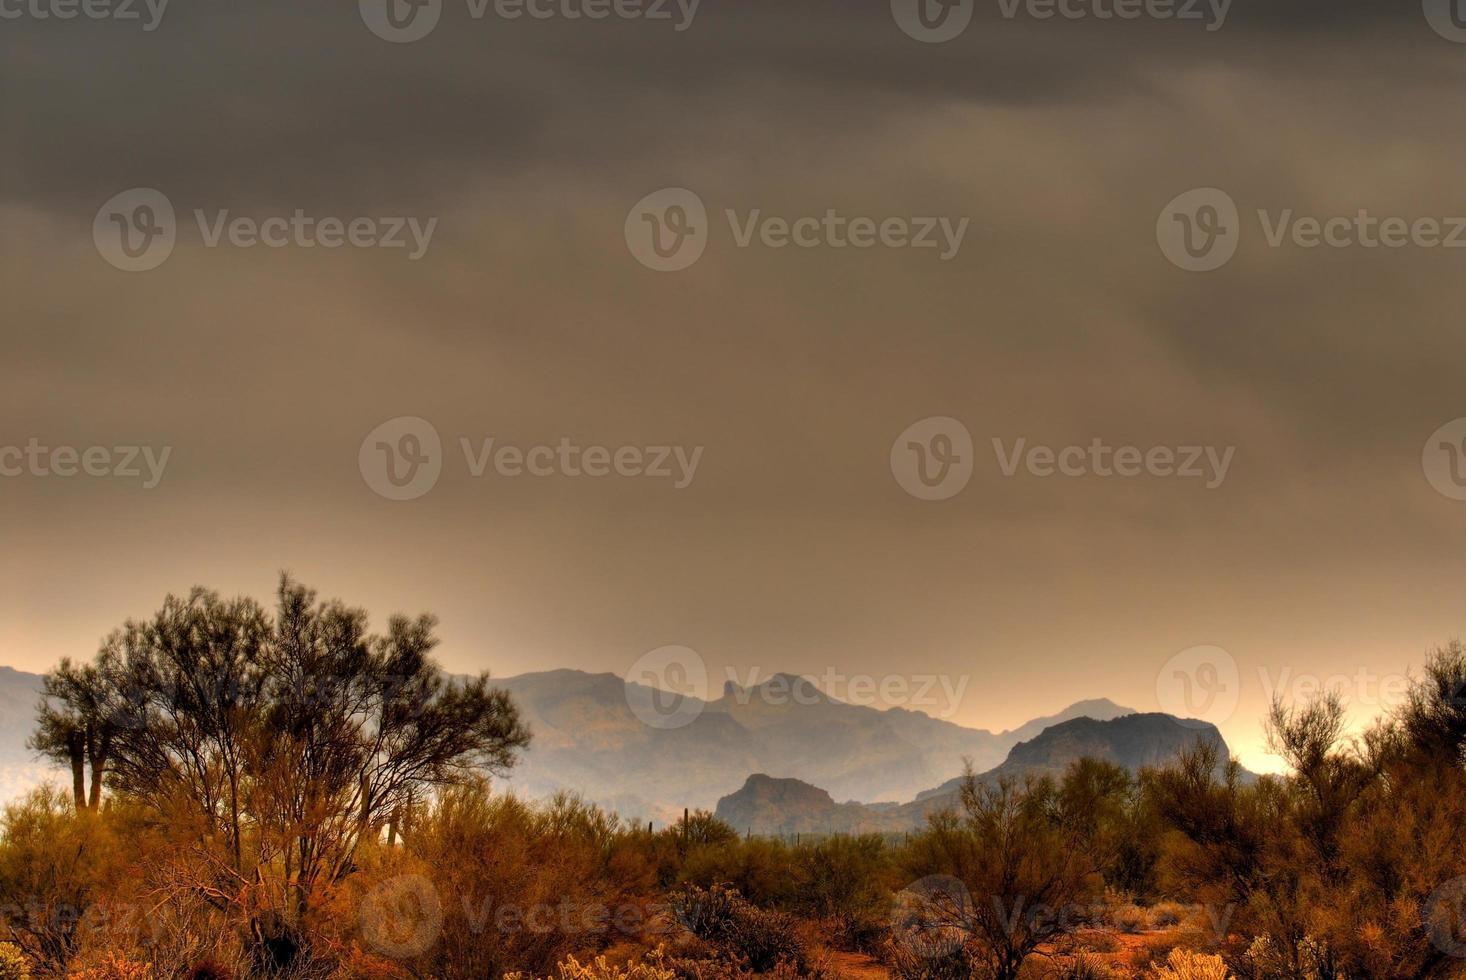 Wüstensturm nähert sich 3 foto